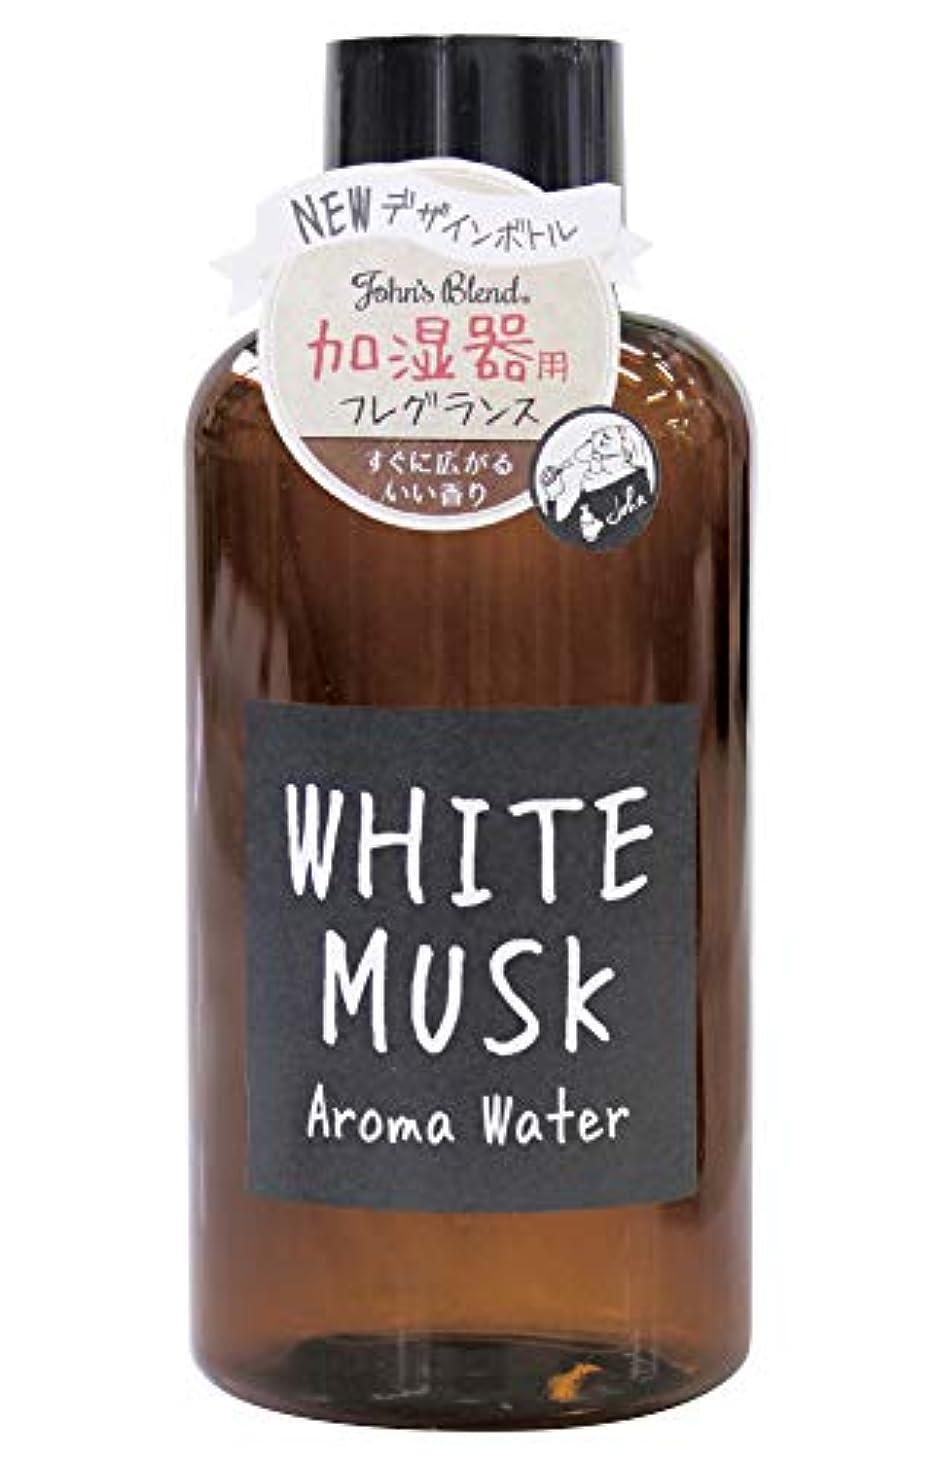 効果正午トランスペアレントノルコーポレーション JohnsBlend(ジョンズブレンド) アロマウォーター 加湿器用 520ml ホワイトムスクの香り OA-JON-23-1 リキッド?液体 単品